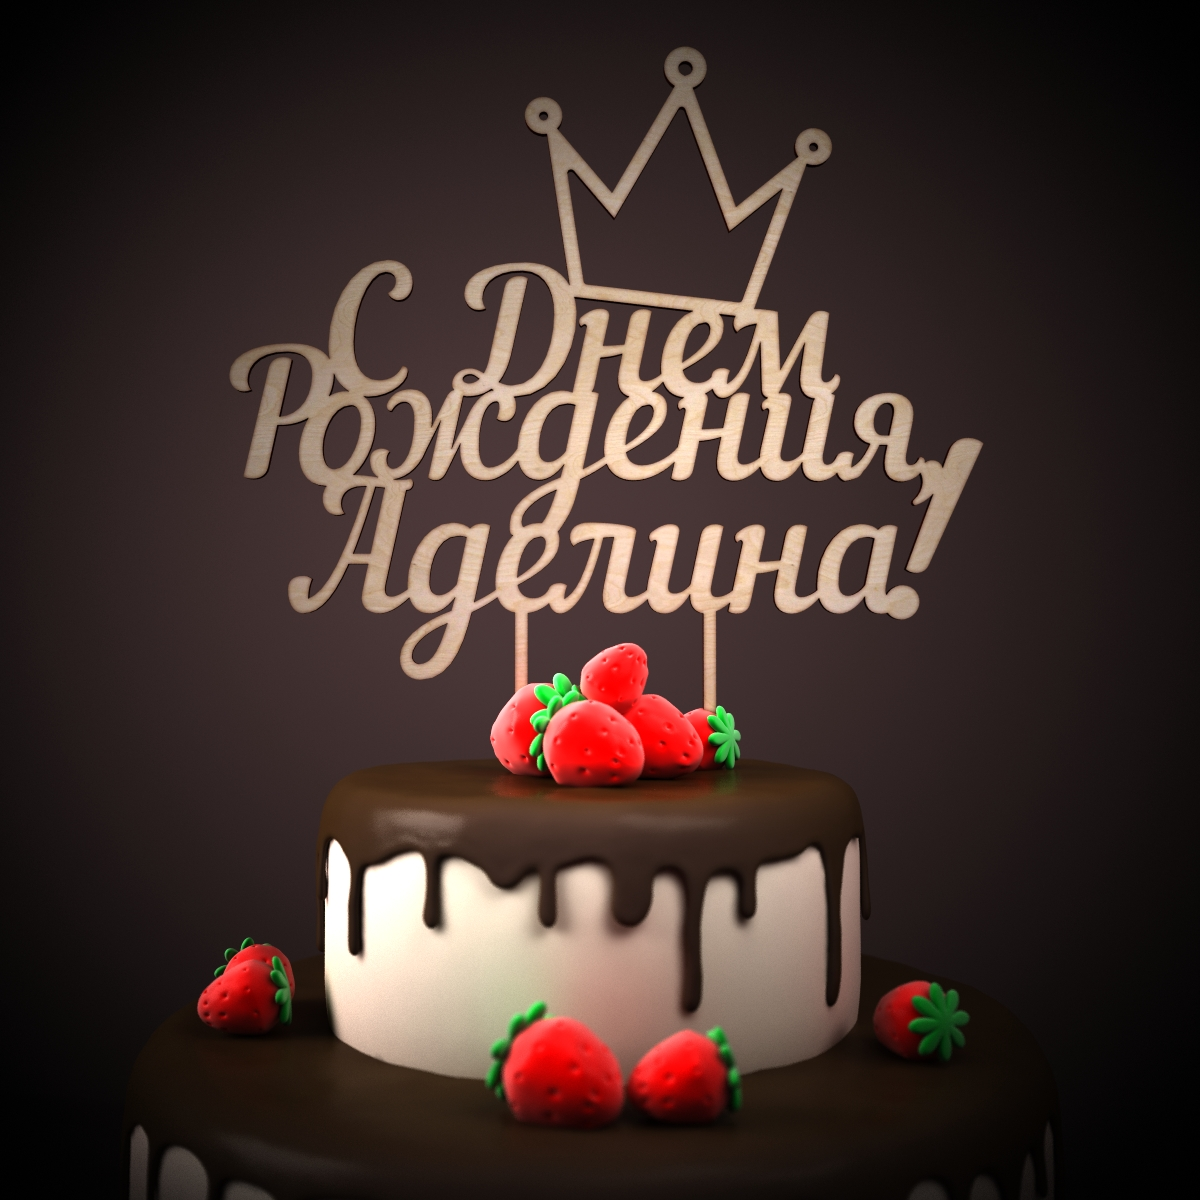 Поздравления с днем рождения с именами детей 3 года